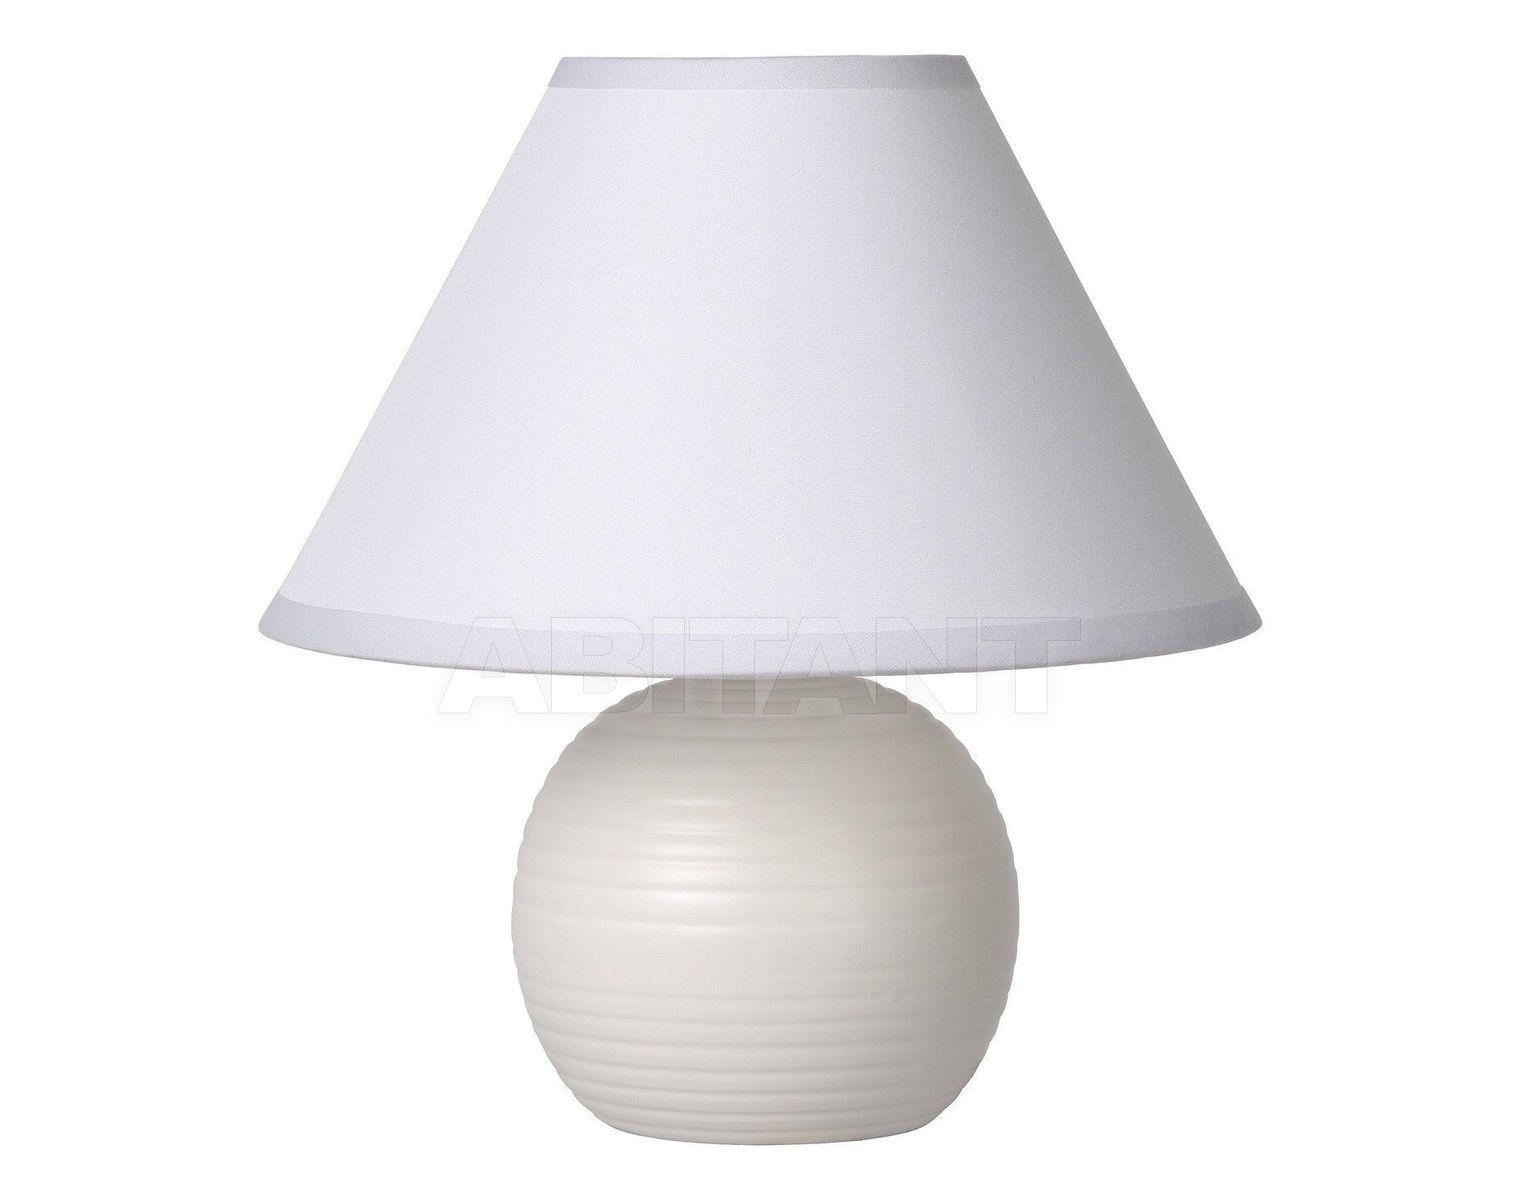 Купить Лампа настольная KADDY Lucide  Floor & Table Lamps 14550/81/31